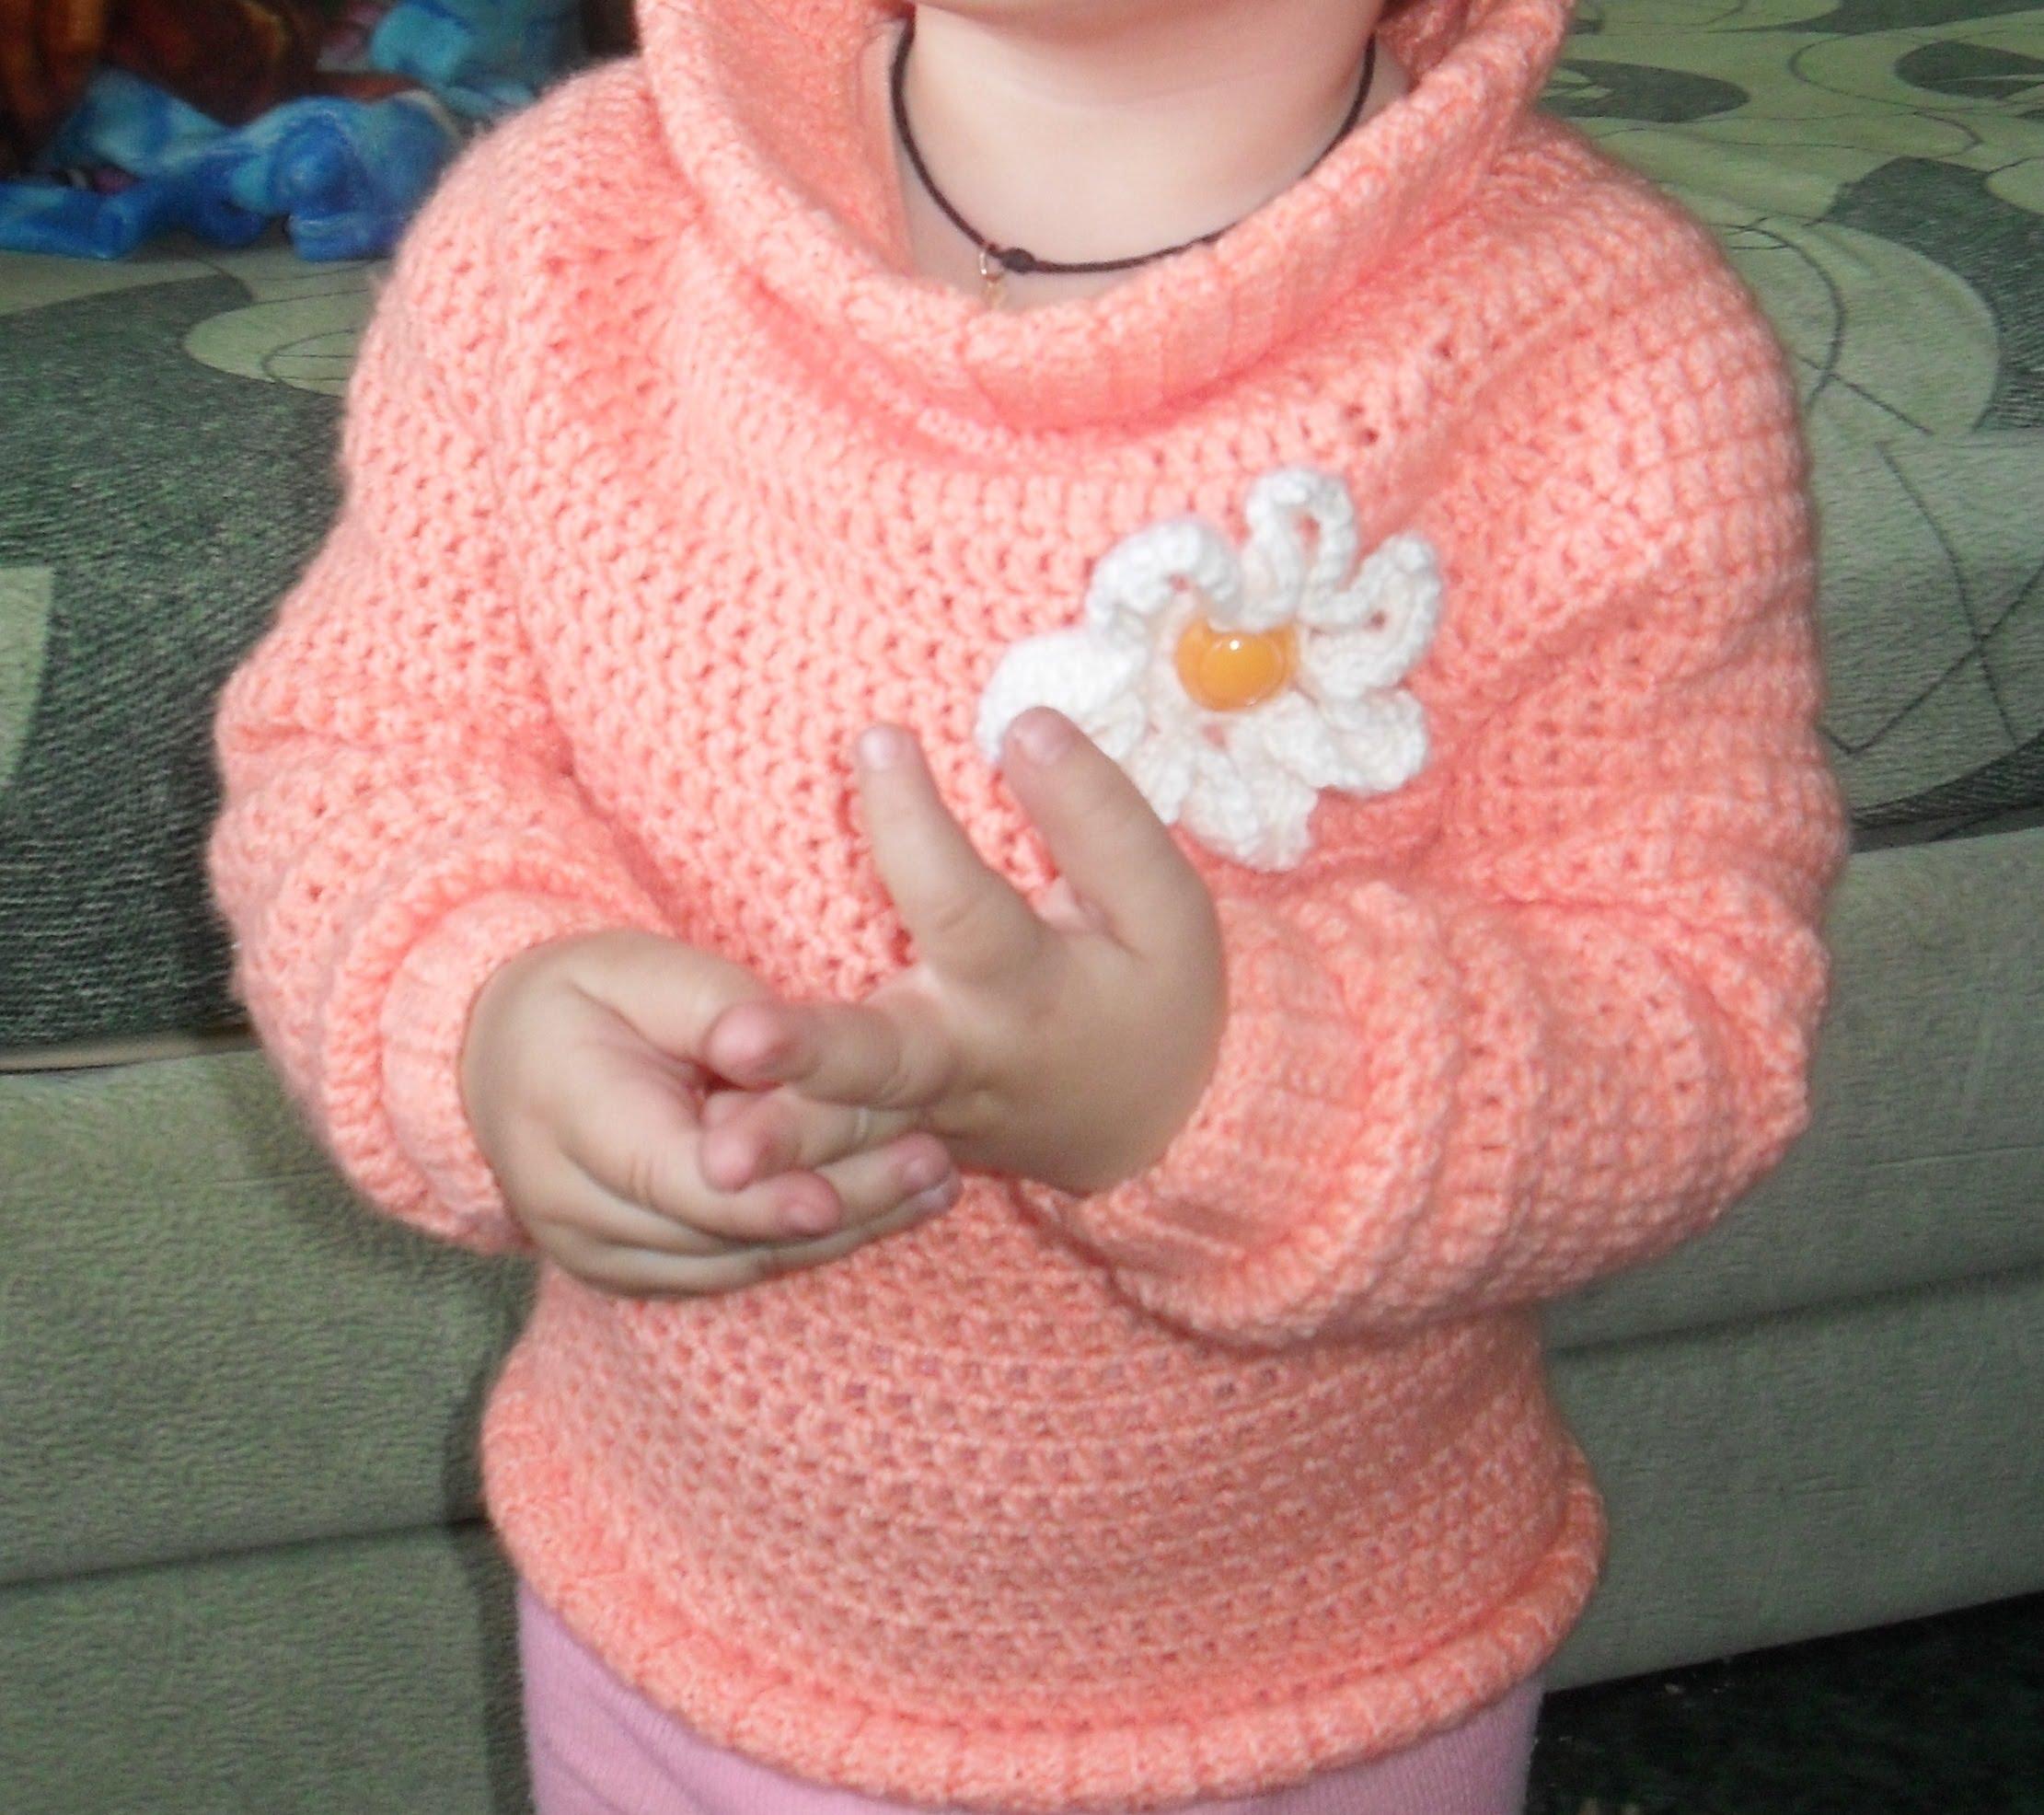 вязание детского свитера крючком Youtube Card From User